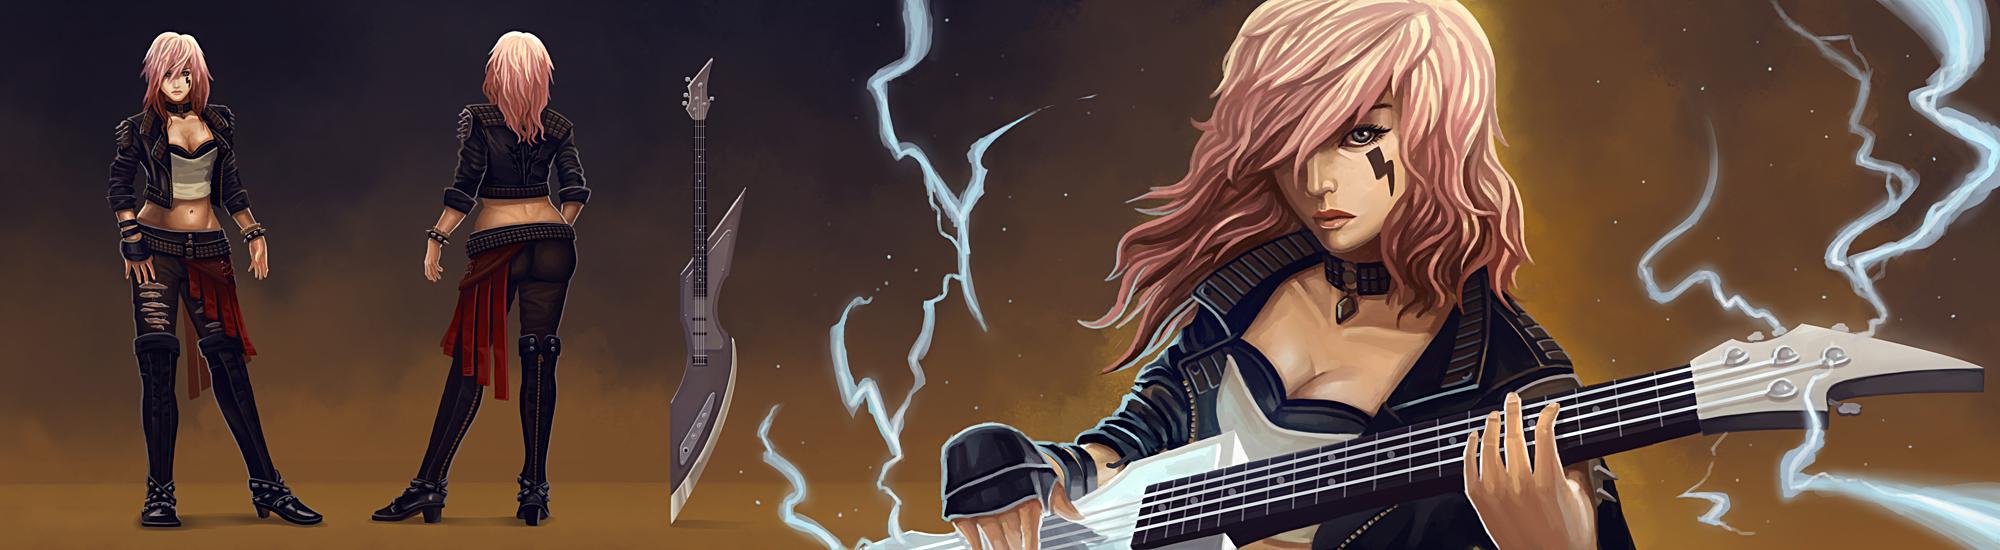 FFXIII LR - Rockstar by jasonwang7